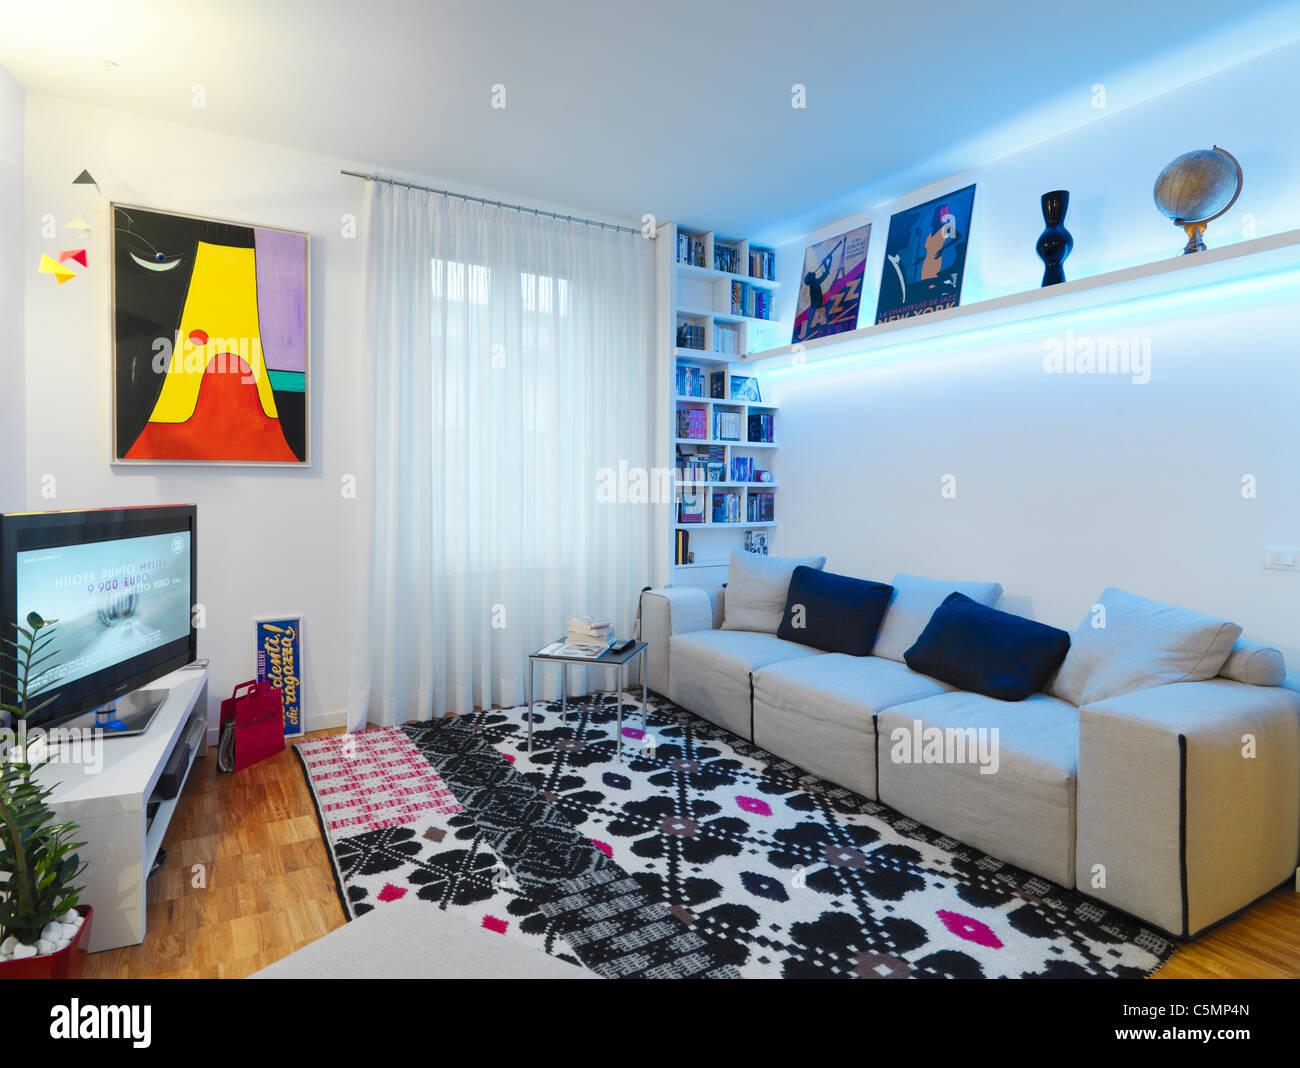 Salón moderno con suelo de madera y moqueta Imagen De Stock